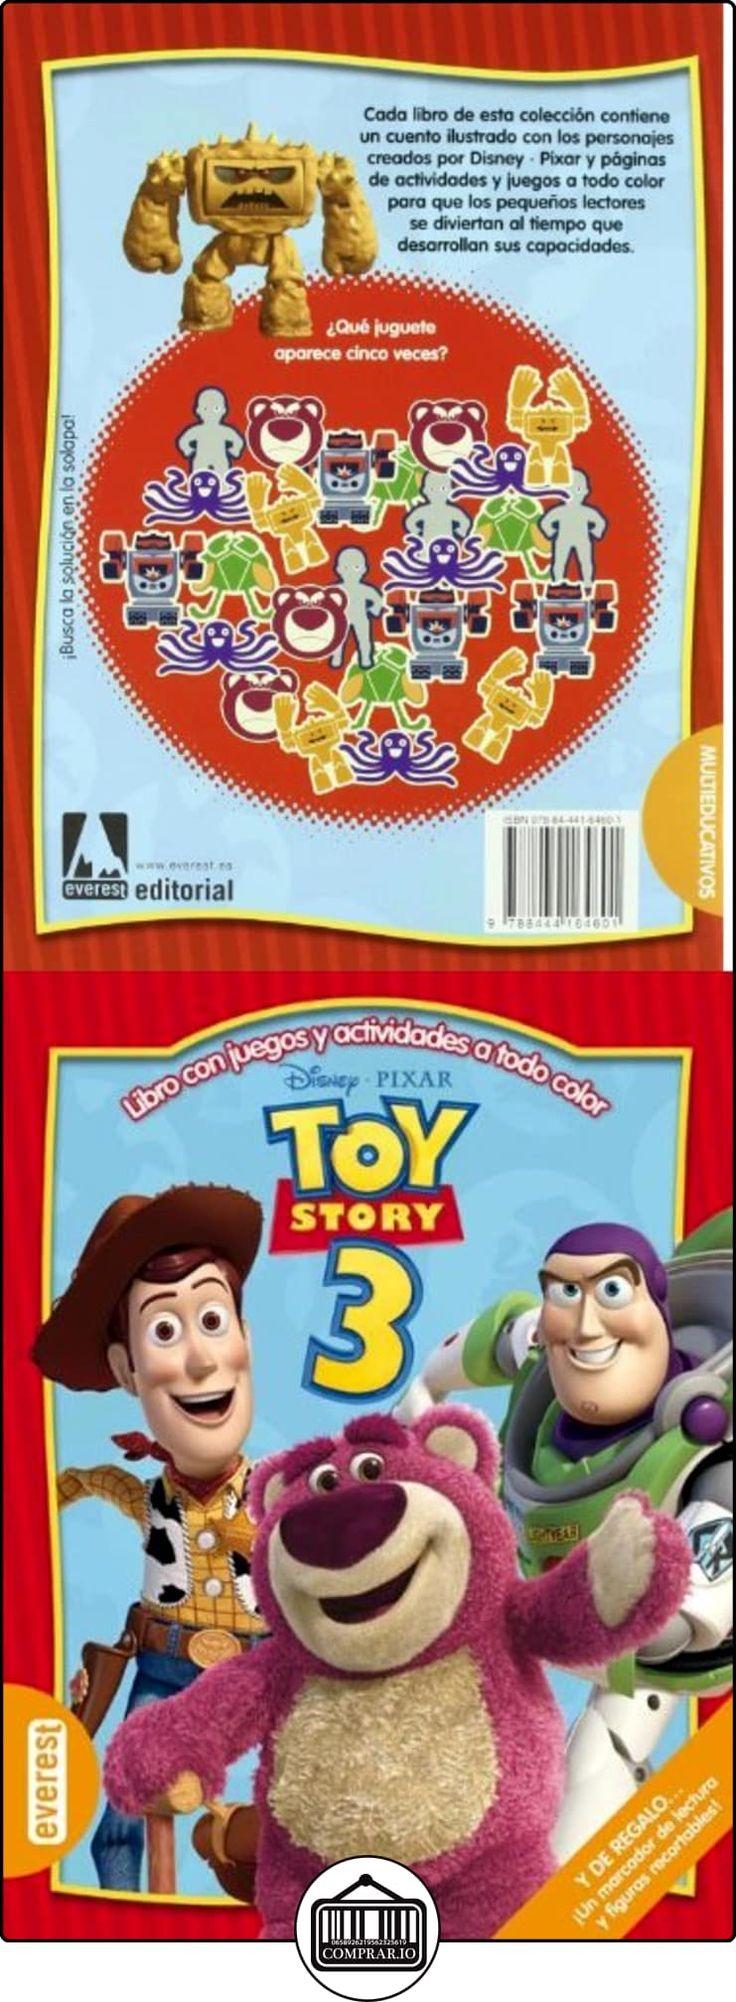 Toy Story 3.: Libro con juegos y actividades a todo color (Multieducativos Disney) Walt Disney Company ✿ Libros infantiles y juveniles - (De 0 a 3 años) ✿